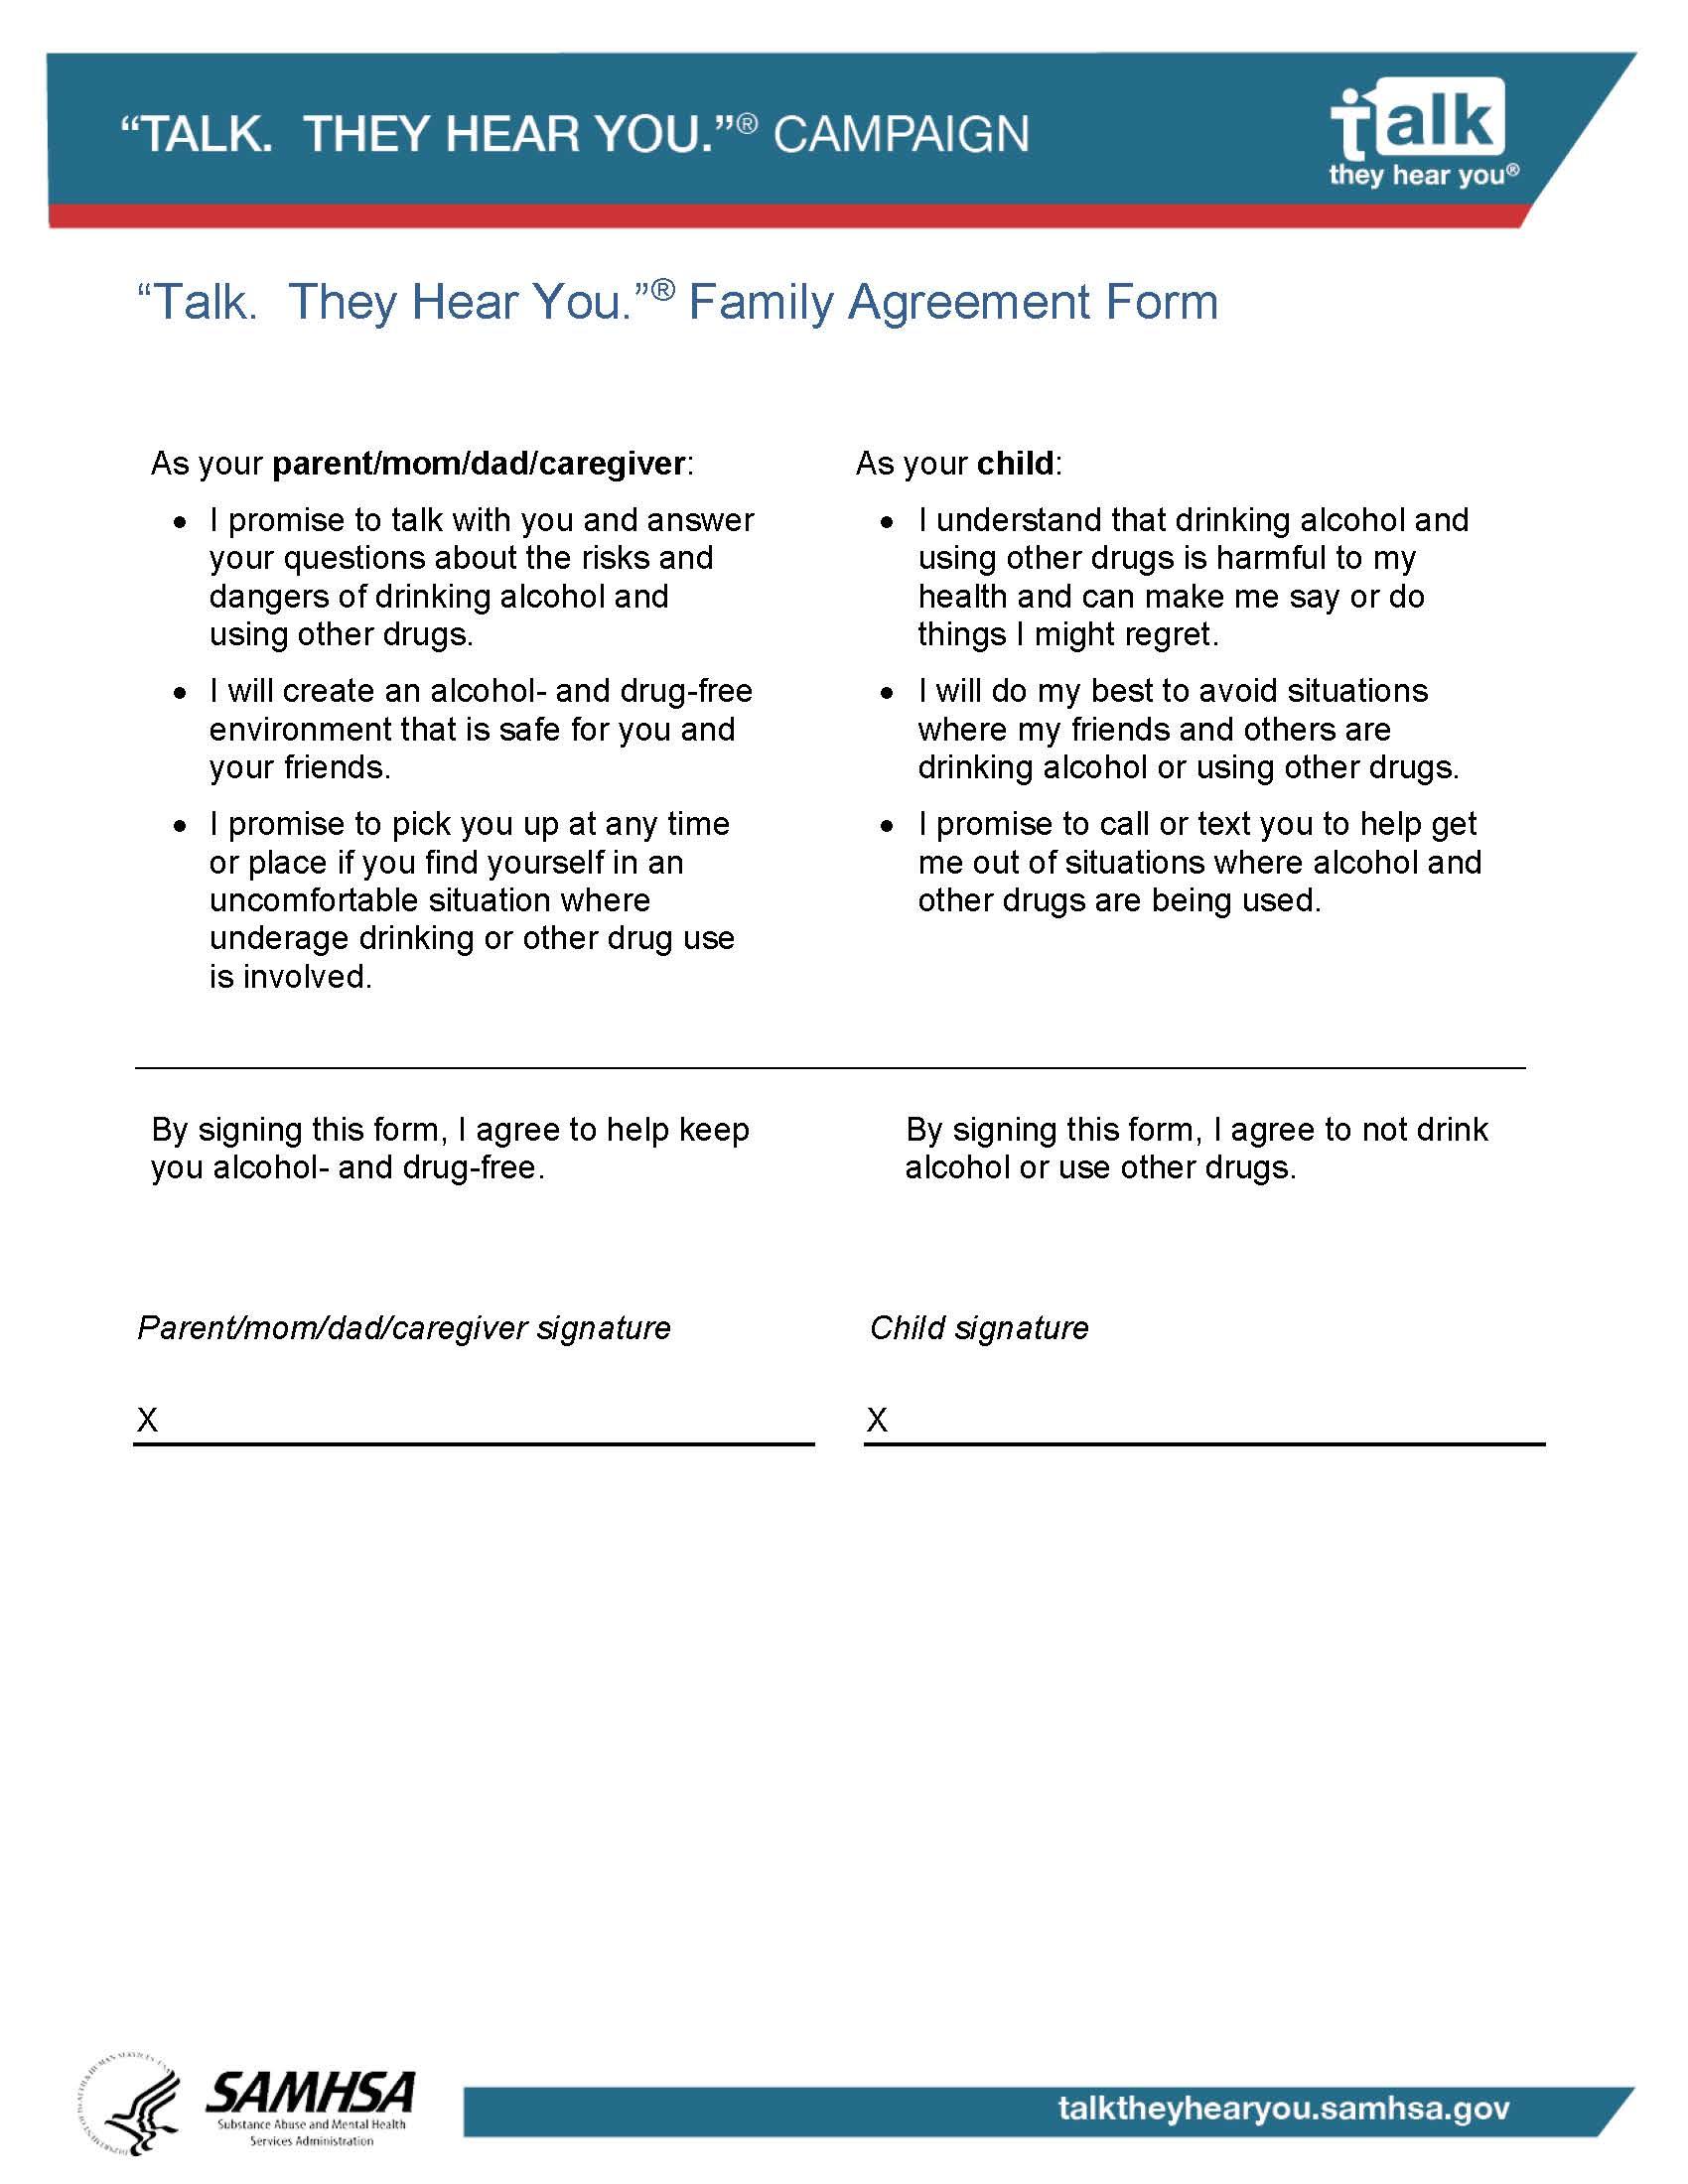 Family Agreement Form Avoiding Alcohol SAMHSA - Substance Abuse